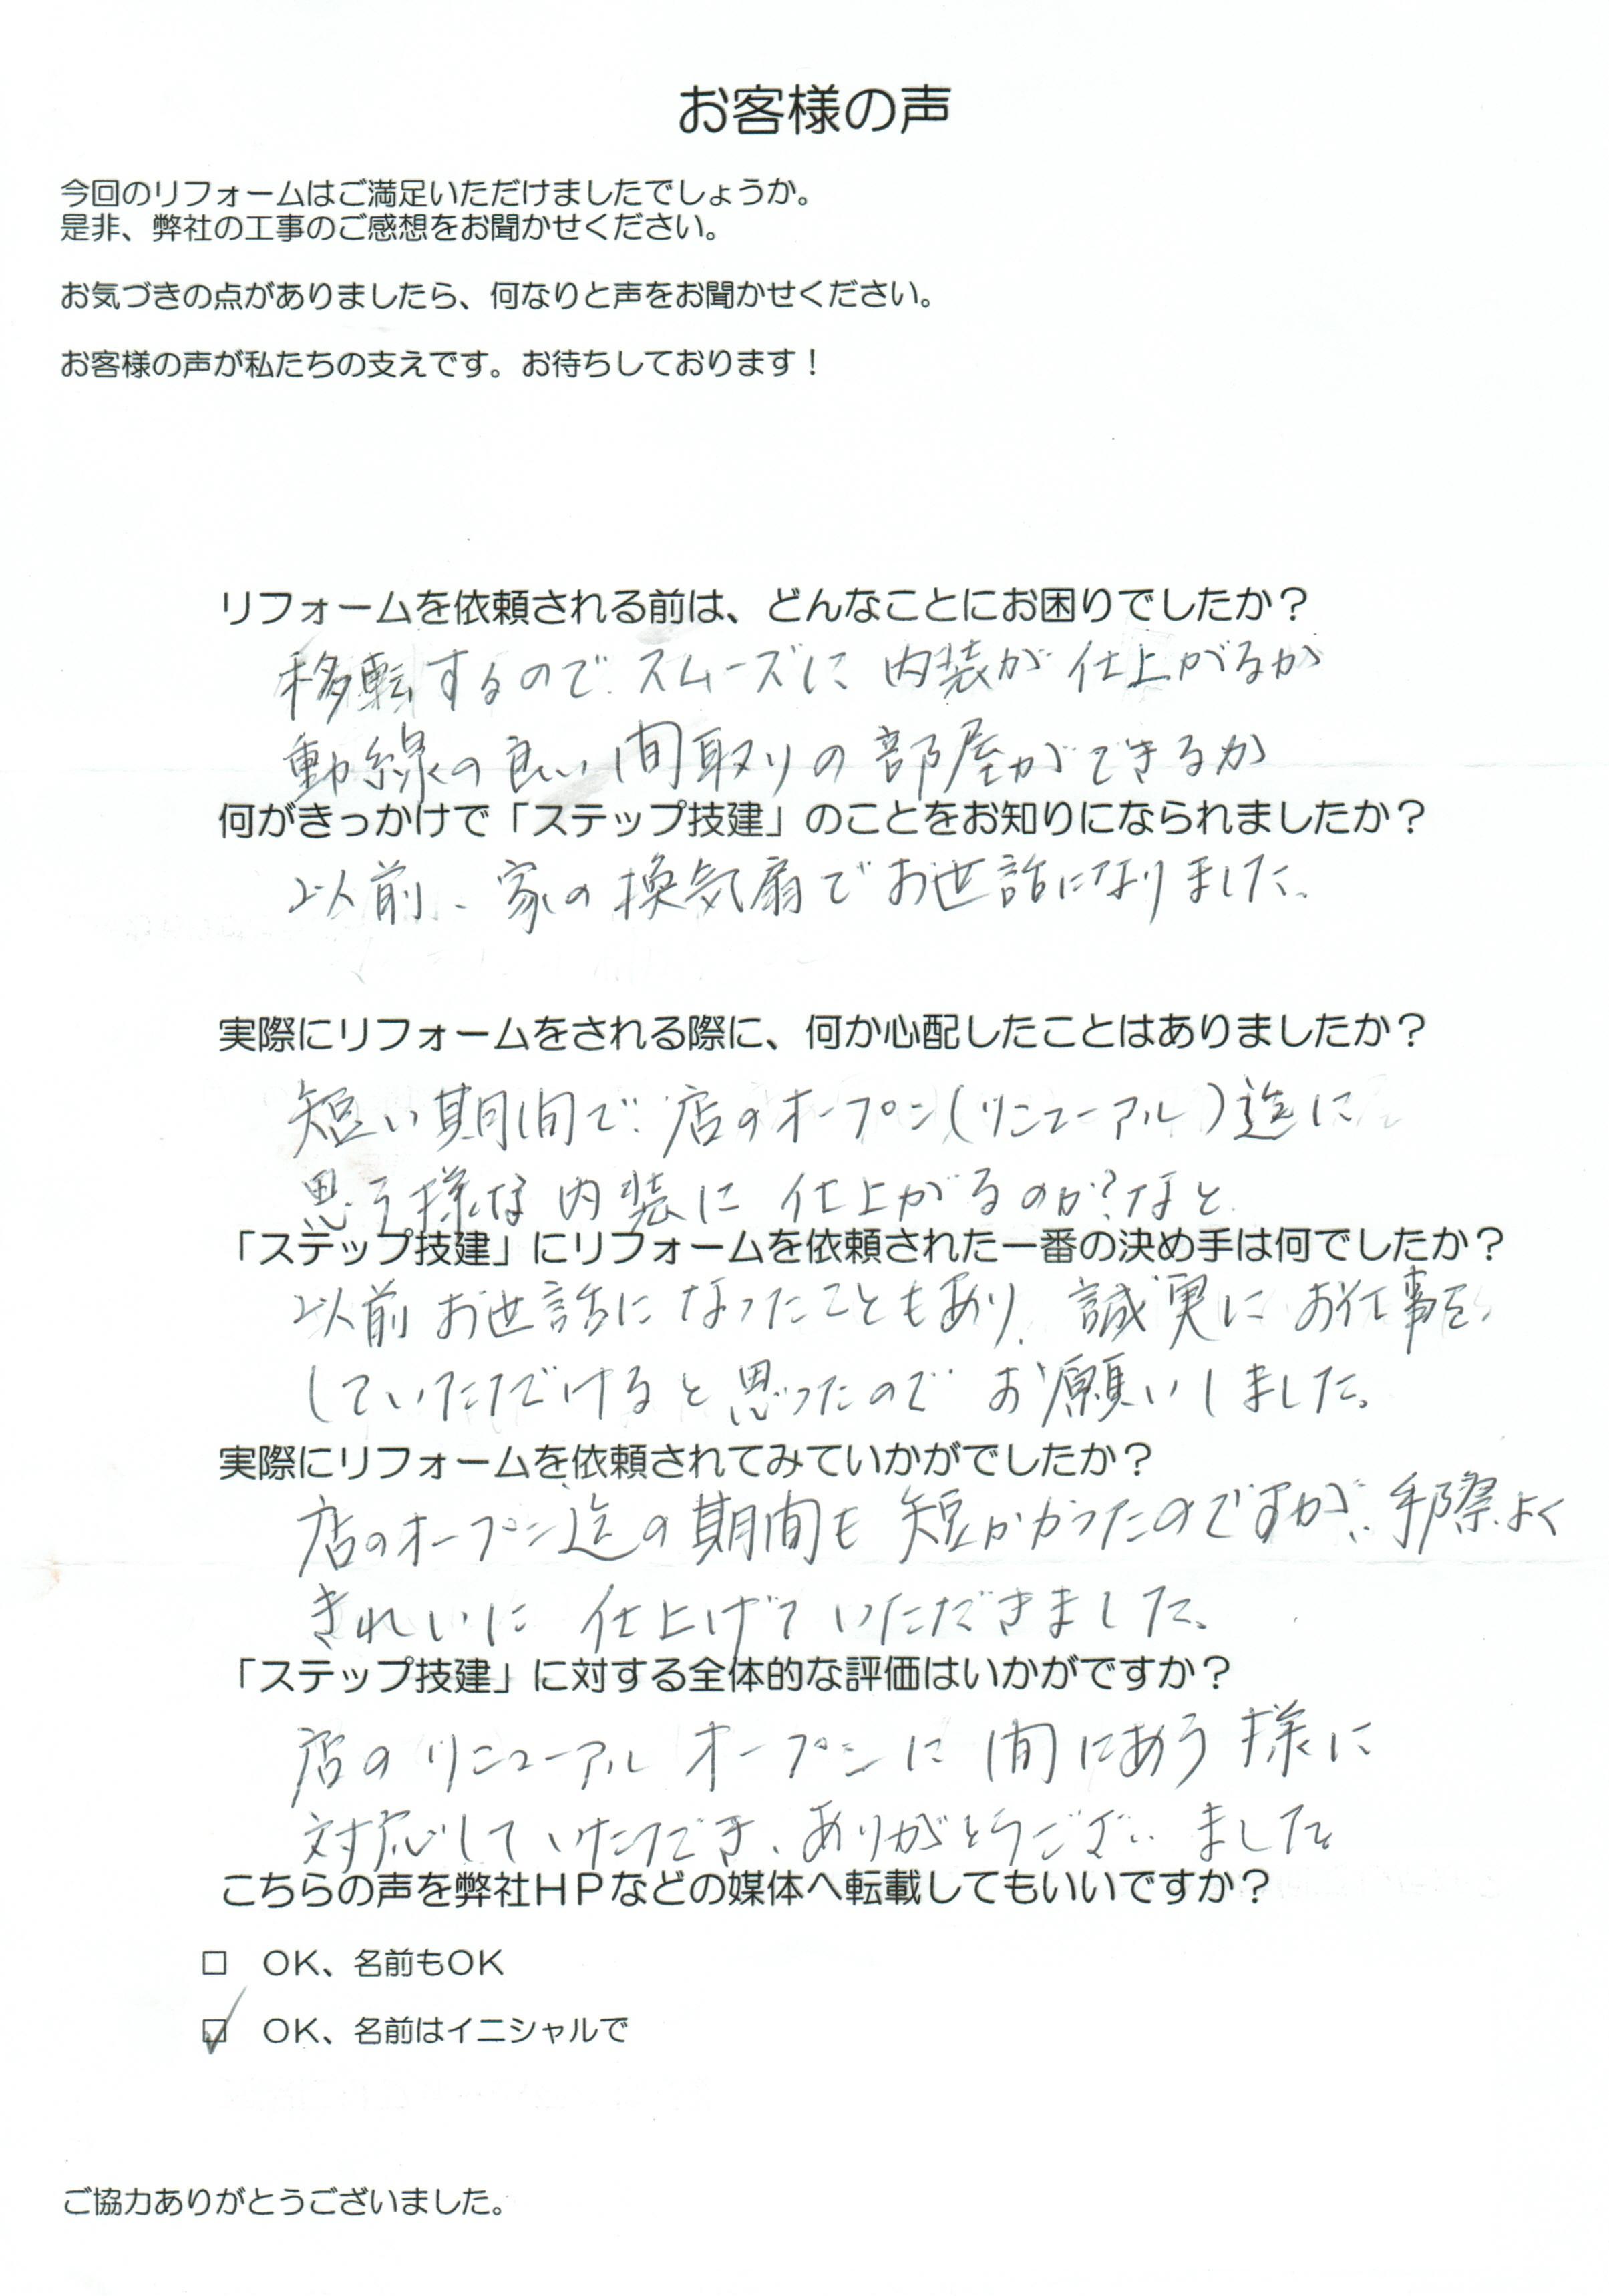 正池様 - 修正 (1)